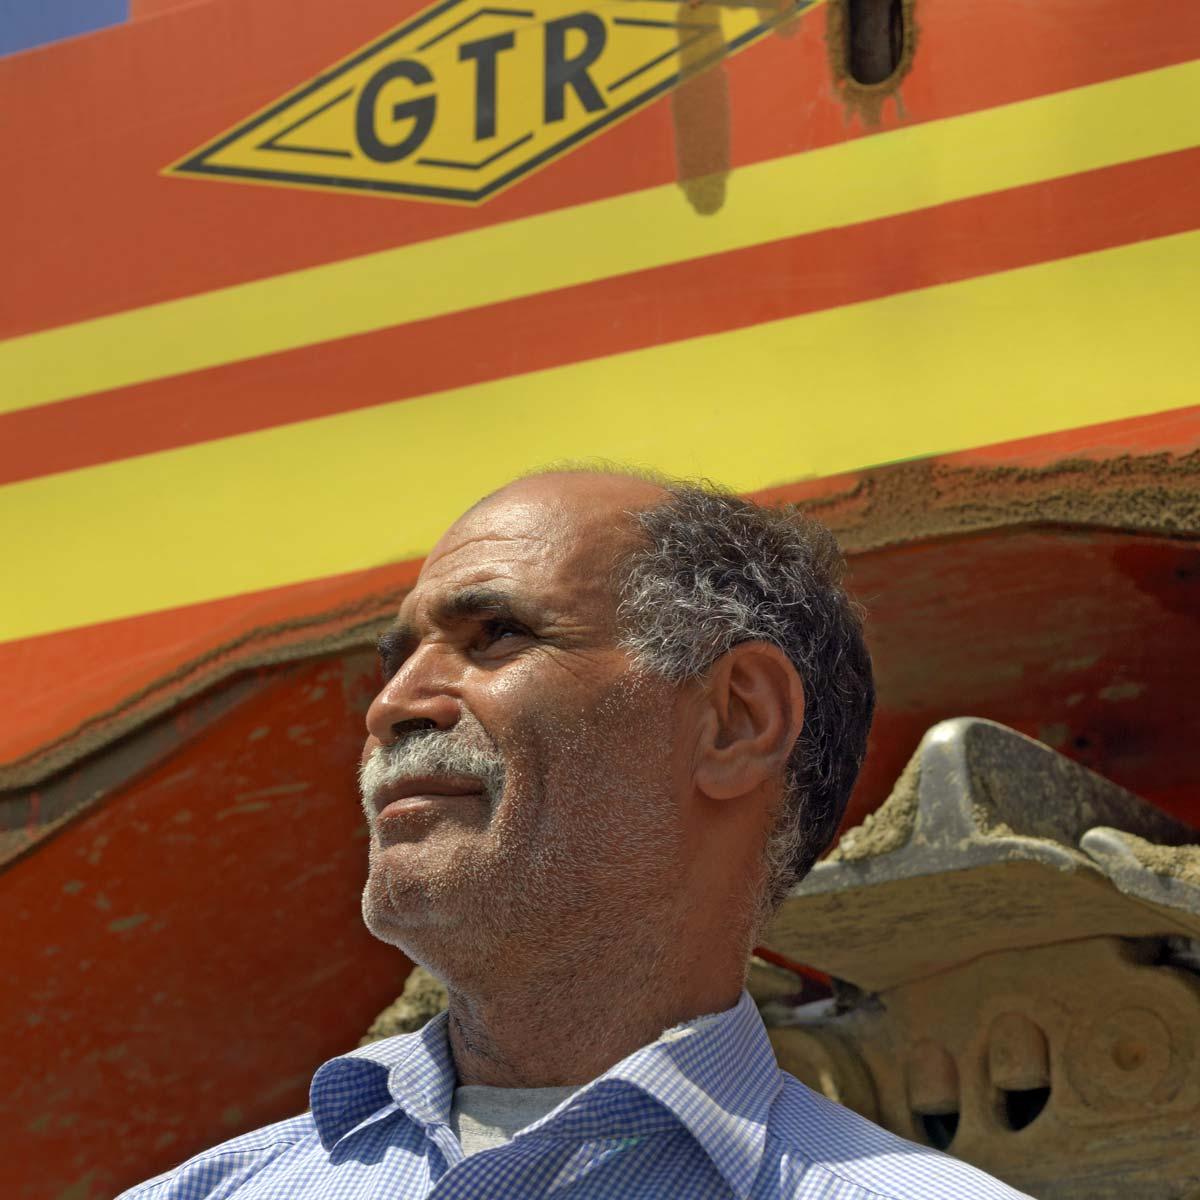 Conducteur de Caterpillar sur le chantier de l'usine Renault de Tangers